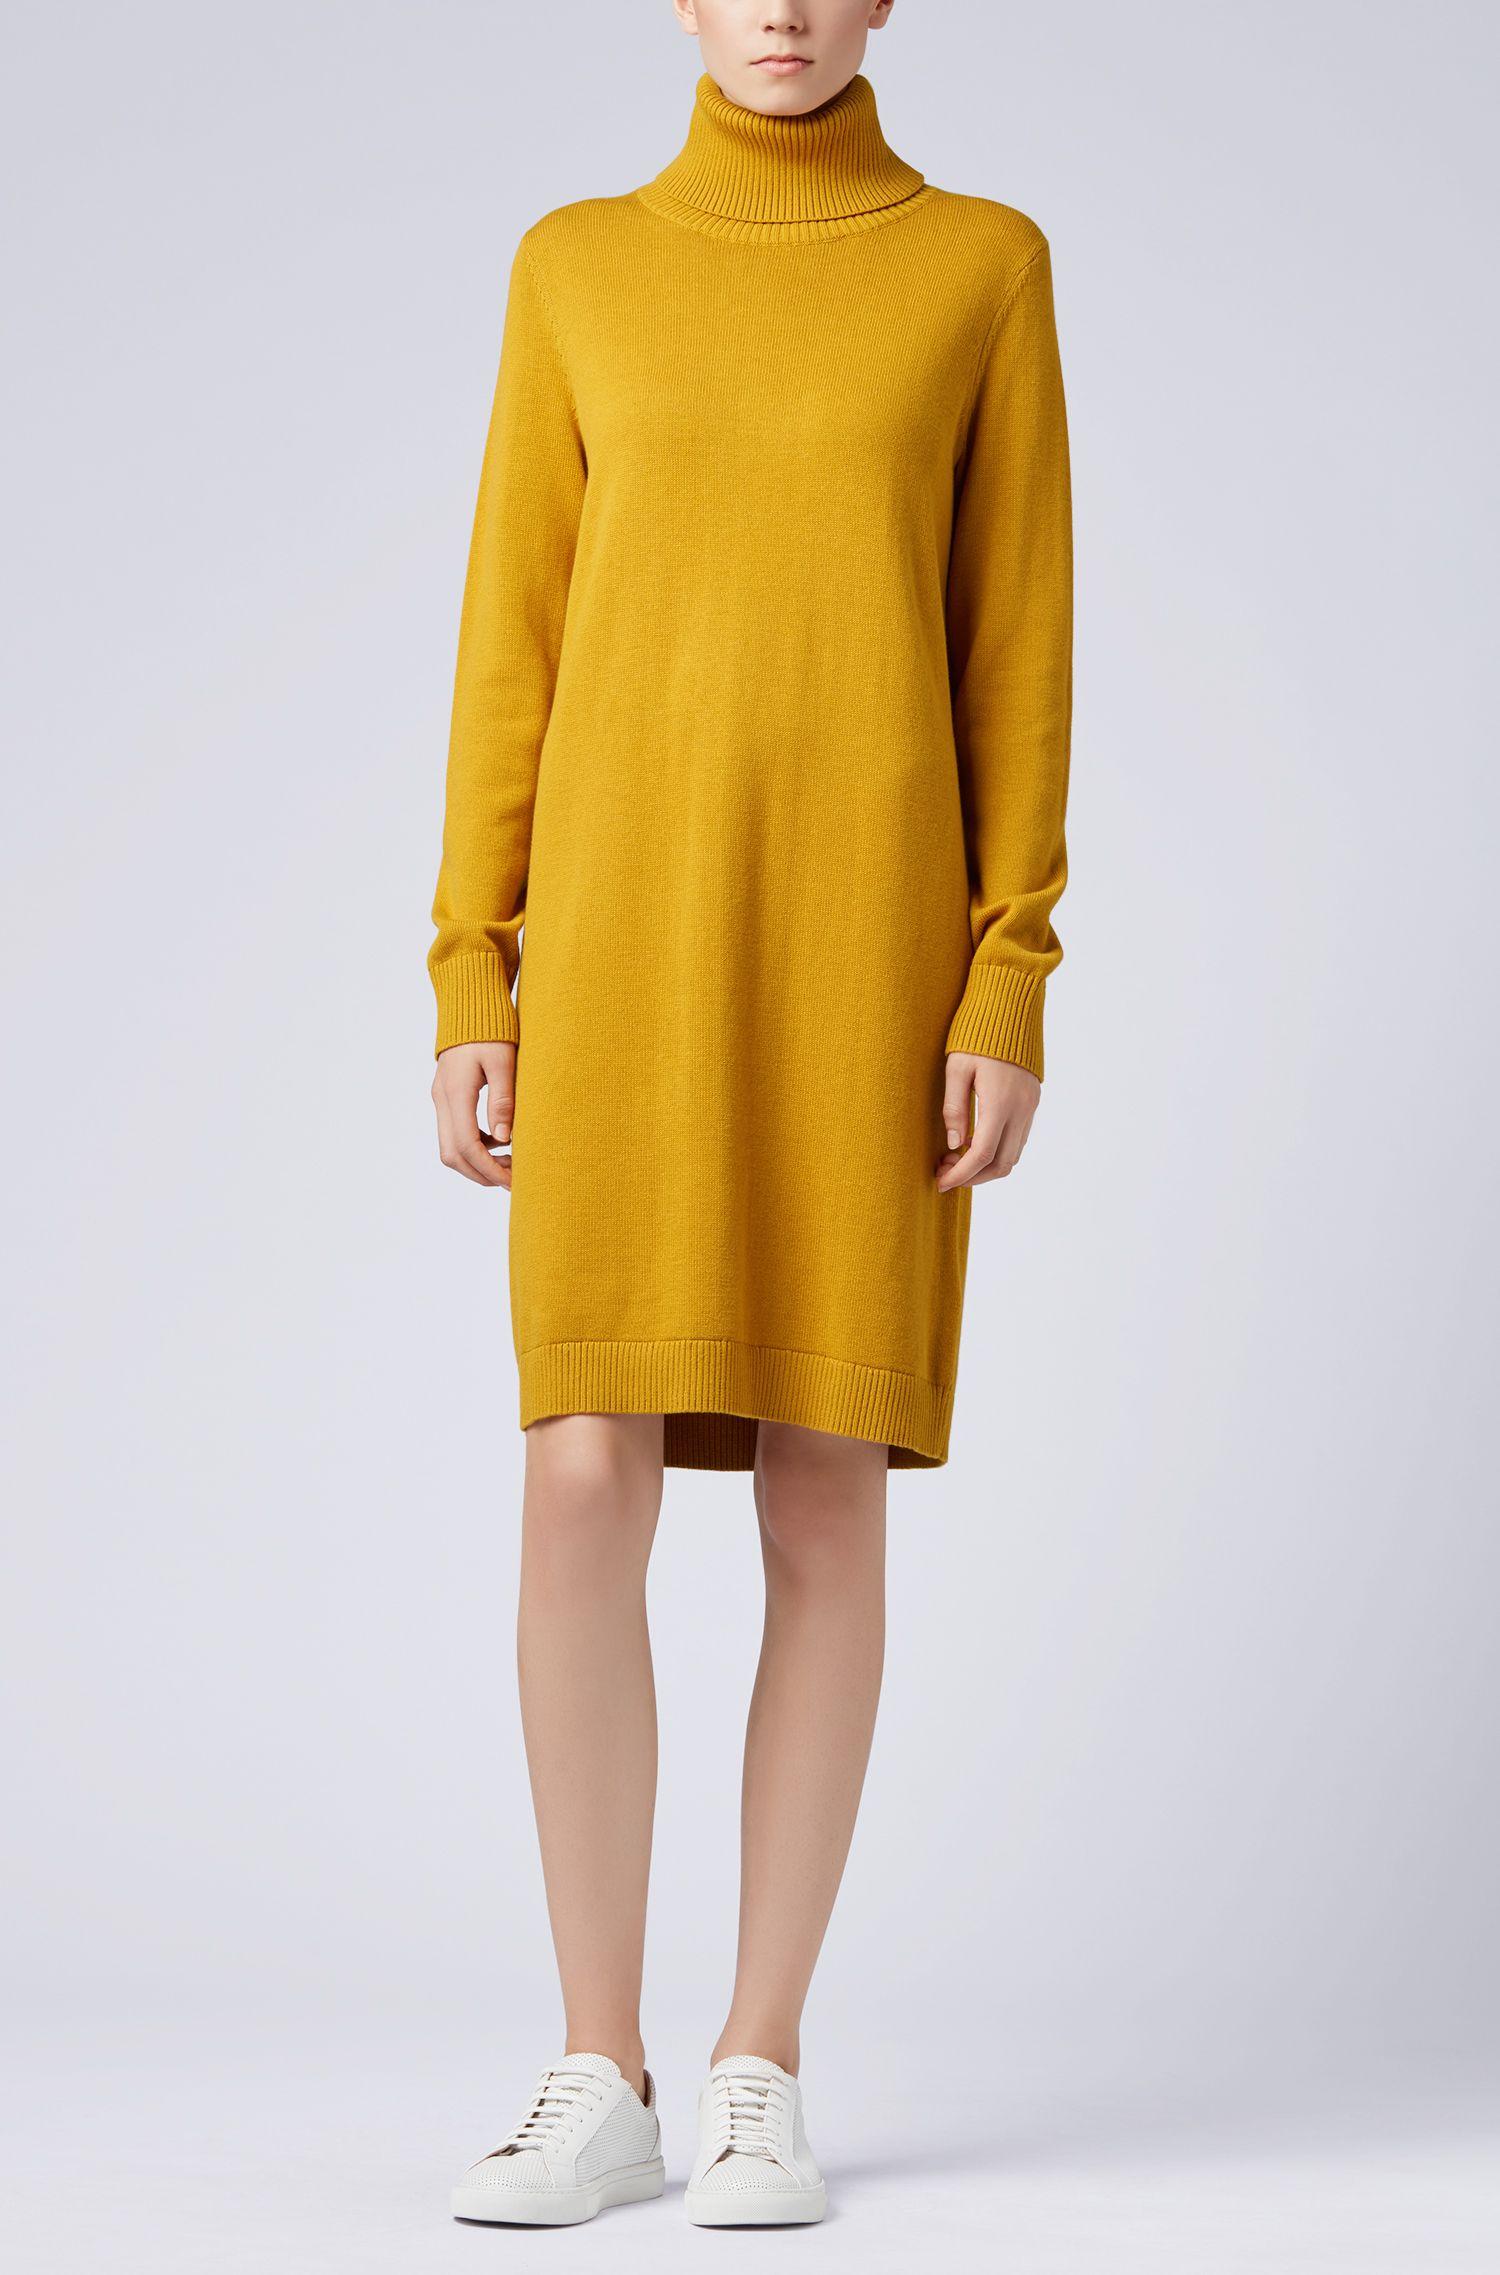 Pulloverkleid aus Baumwoll-Schurwoll-Mix mit Rollkragen, Gold